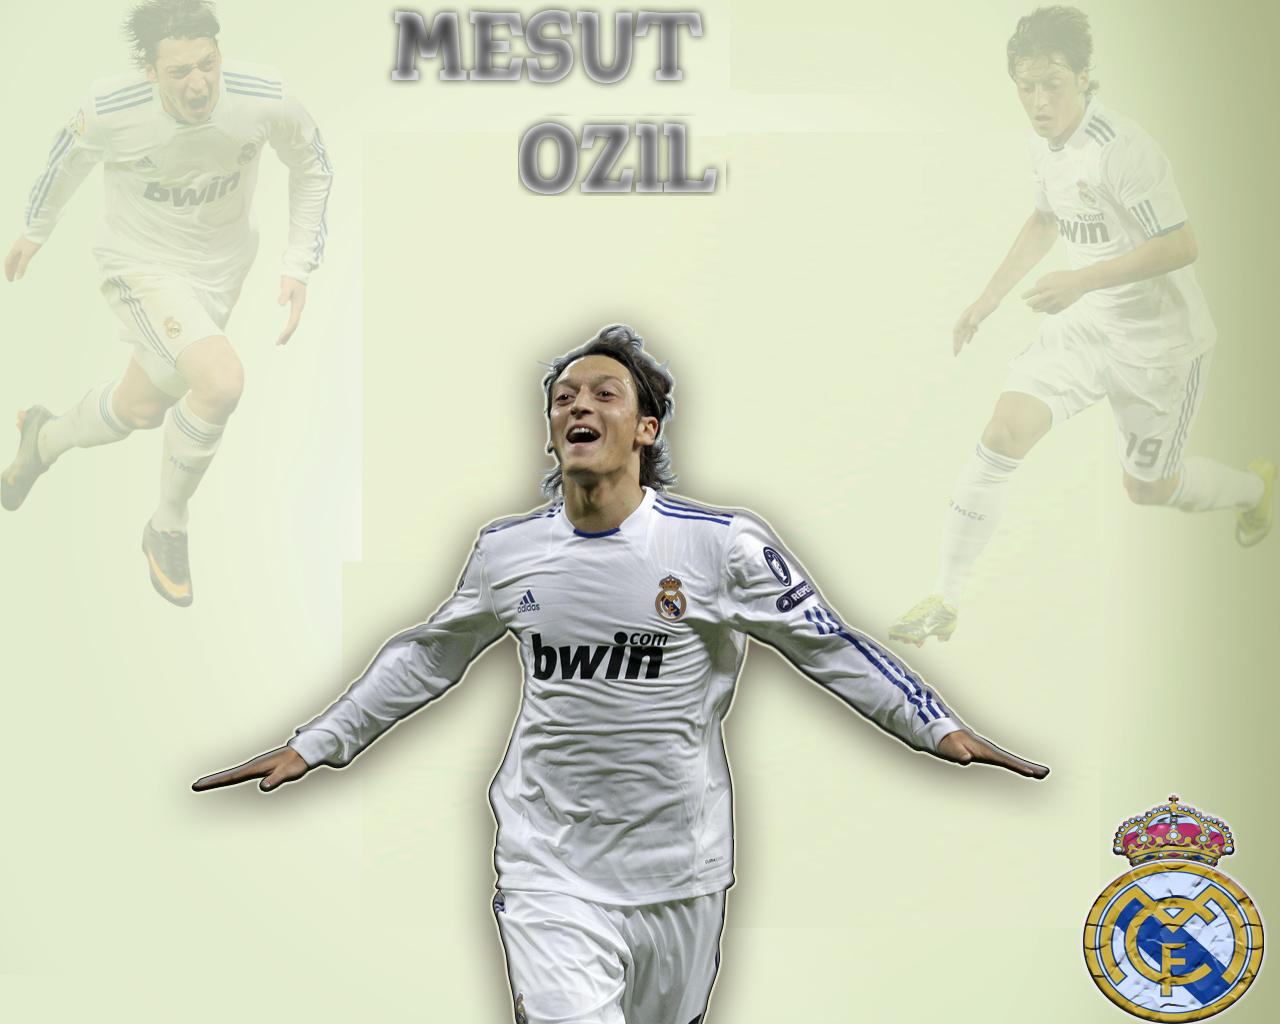 http://3.bp.blogspot.com/-9O0a8cTsKVo/Tjqwq32CLkI/AAAAAAAACP0/T1vgGv-1lt0/s1600/Mesut-Ozil-Wallpaper-2011-10.jpg